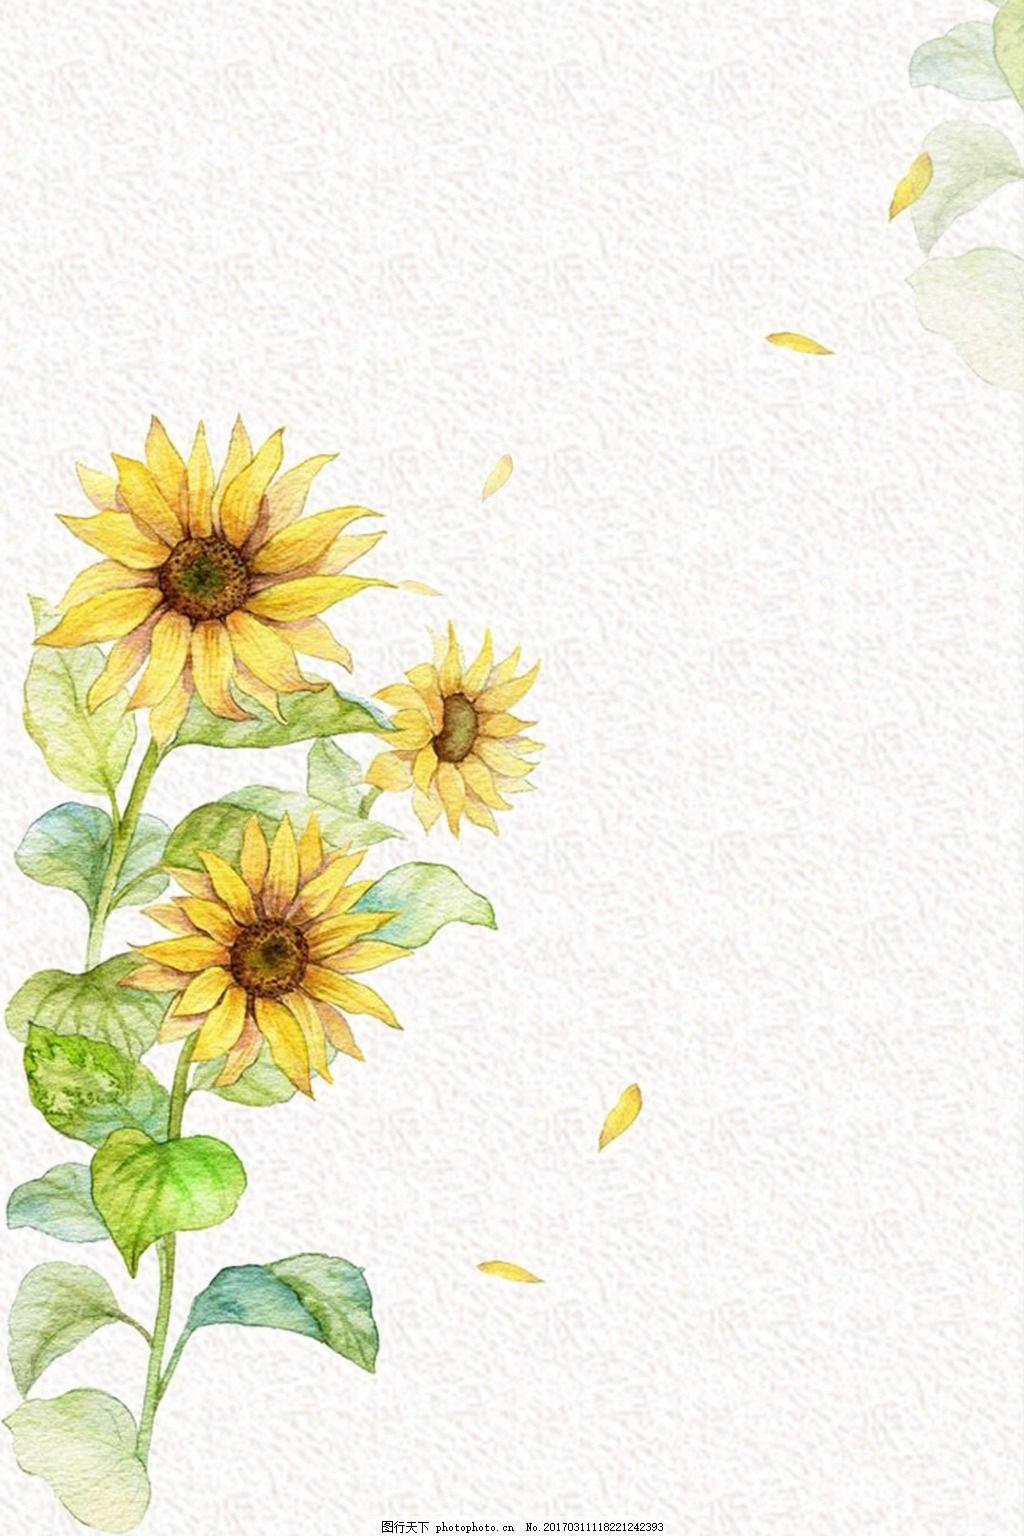 手绘向日葵 装饰花卉 花朵 插画 插画背景 插画装饰